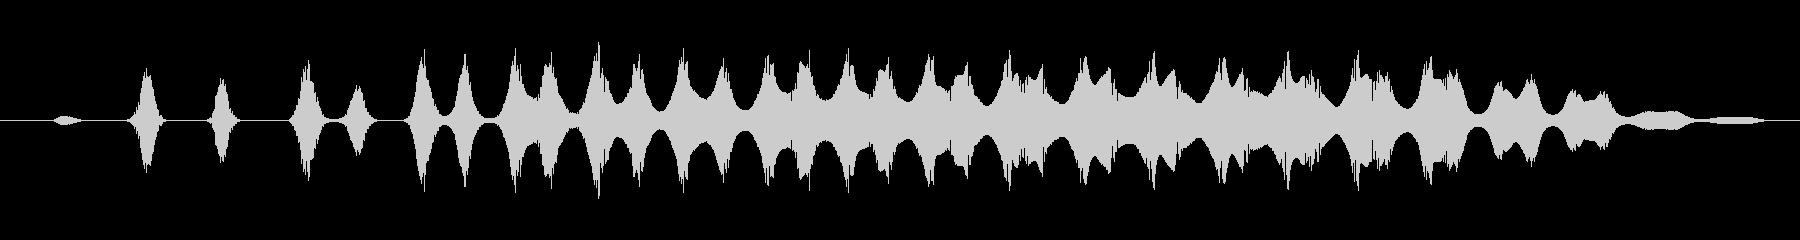 レトロスワイプ、スペーステレメトリーの未再生の波形